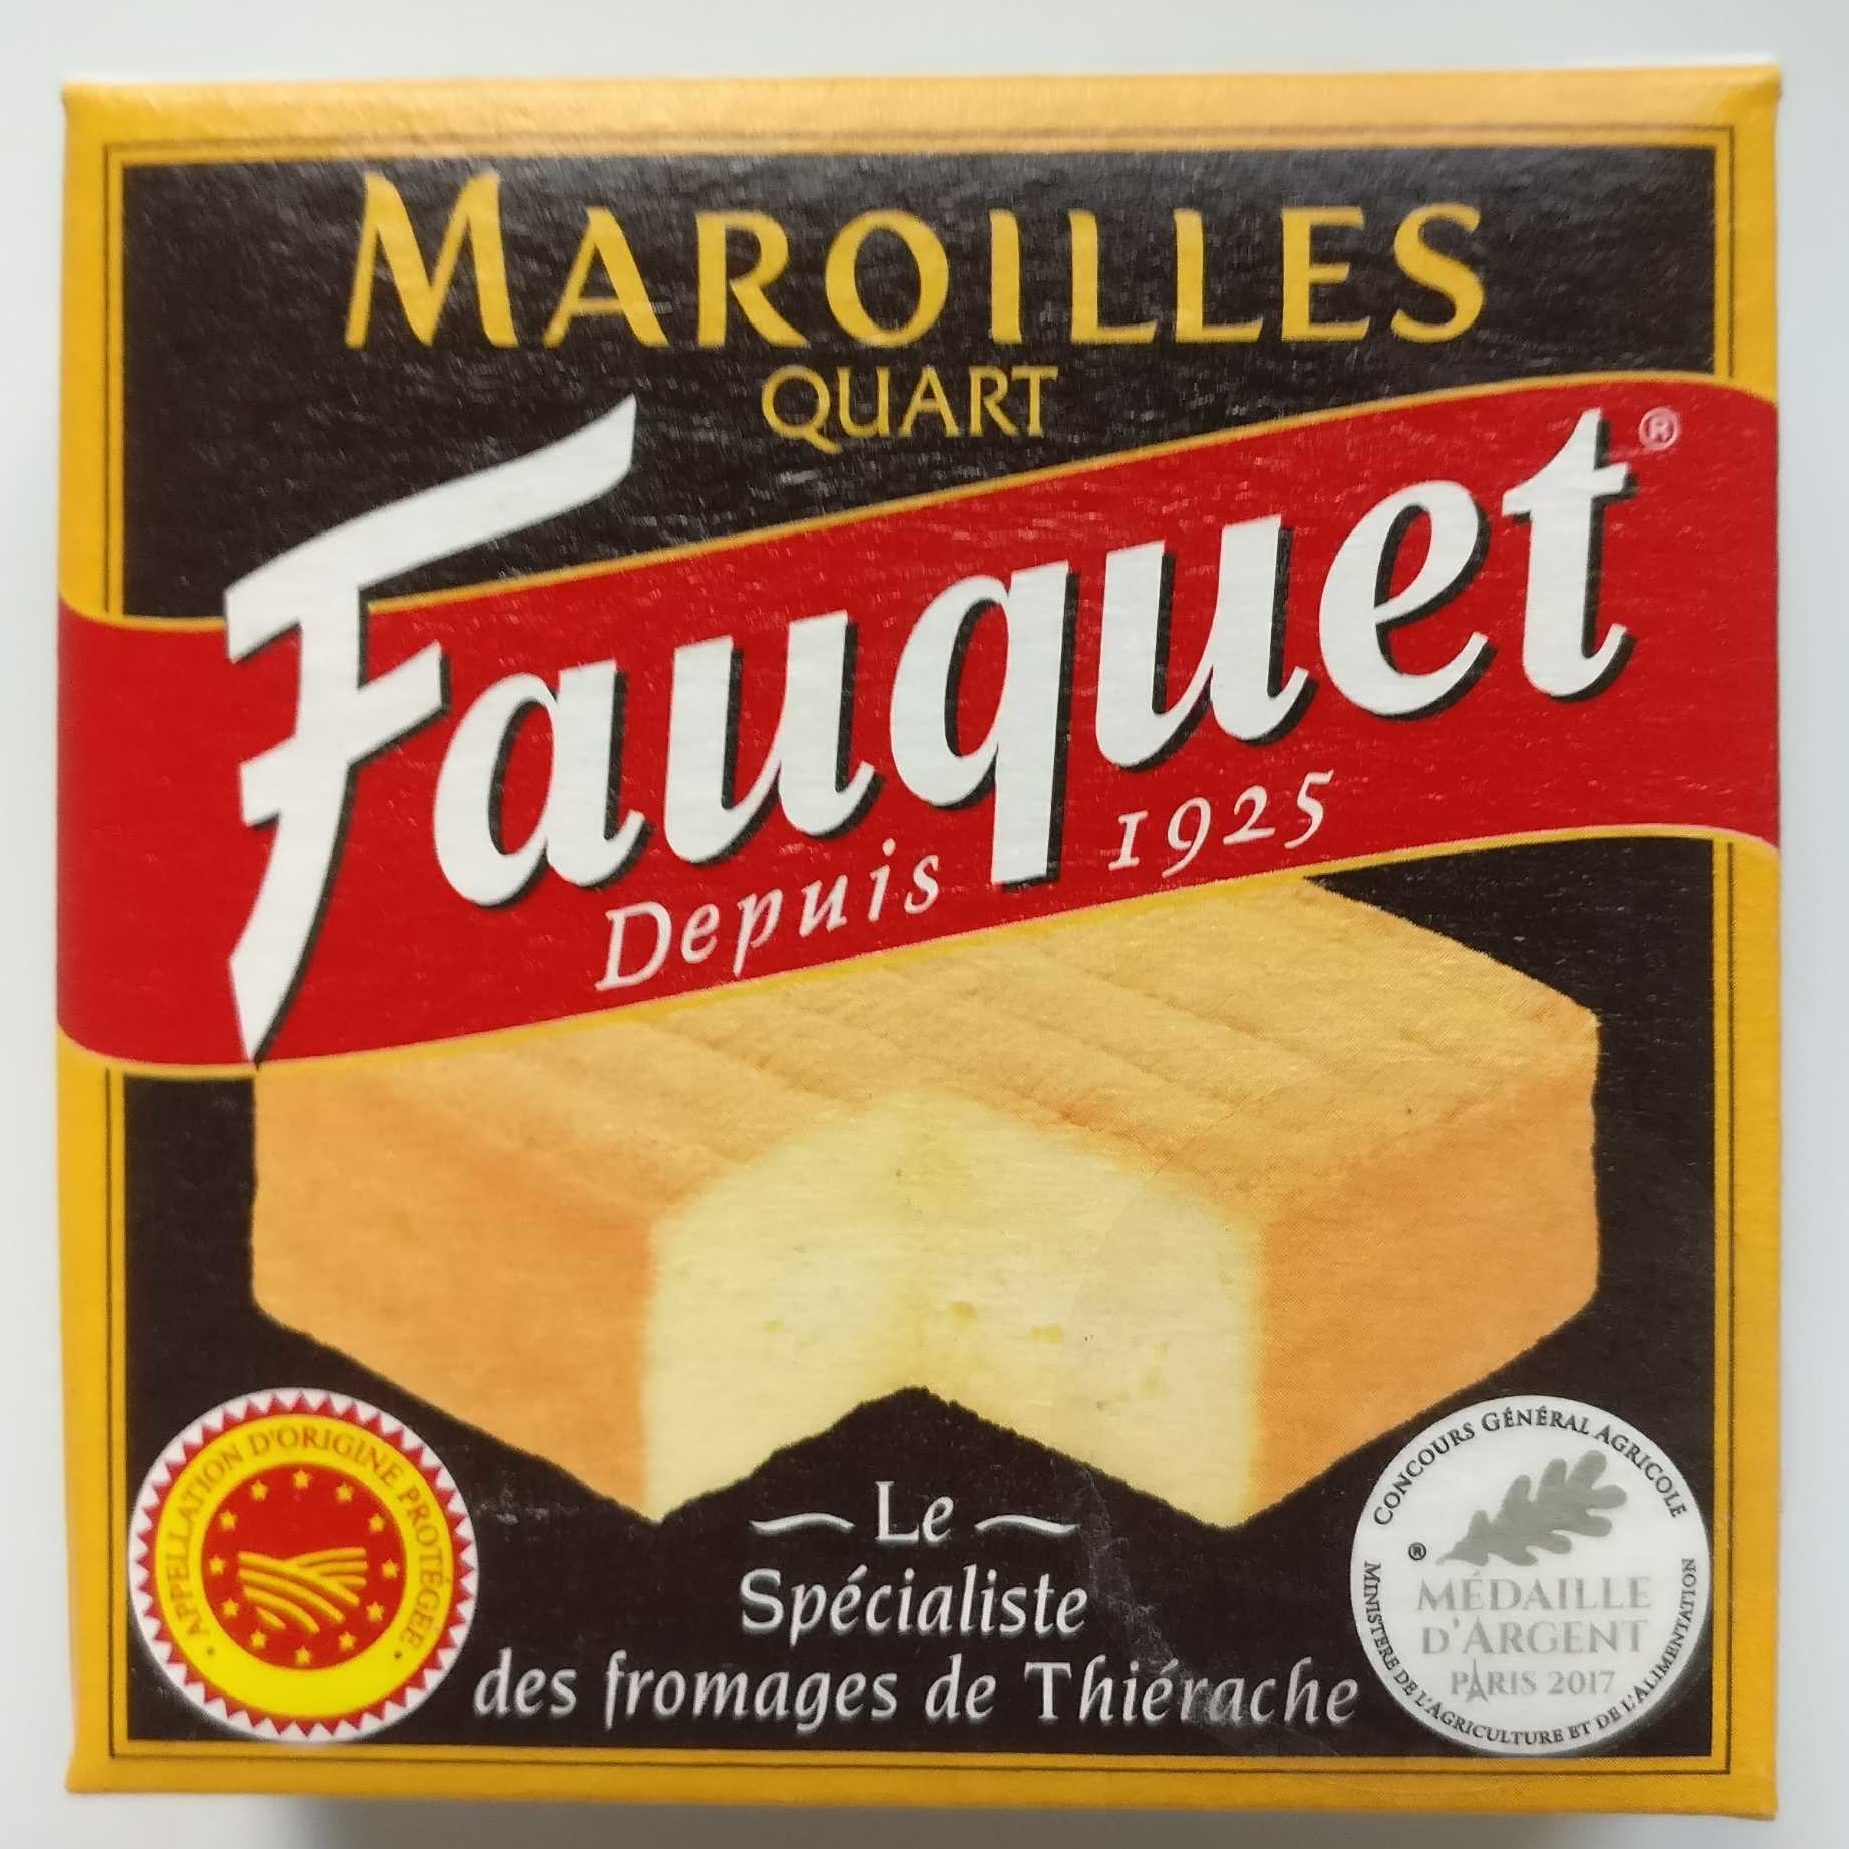 Fauquet maroilles aop quart 210g - Product - fr